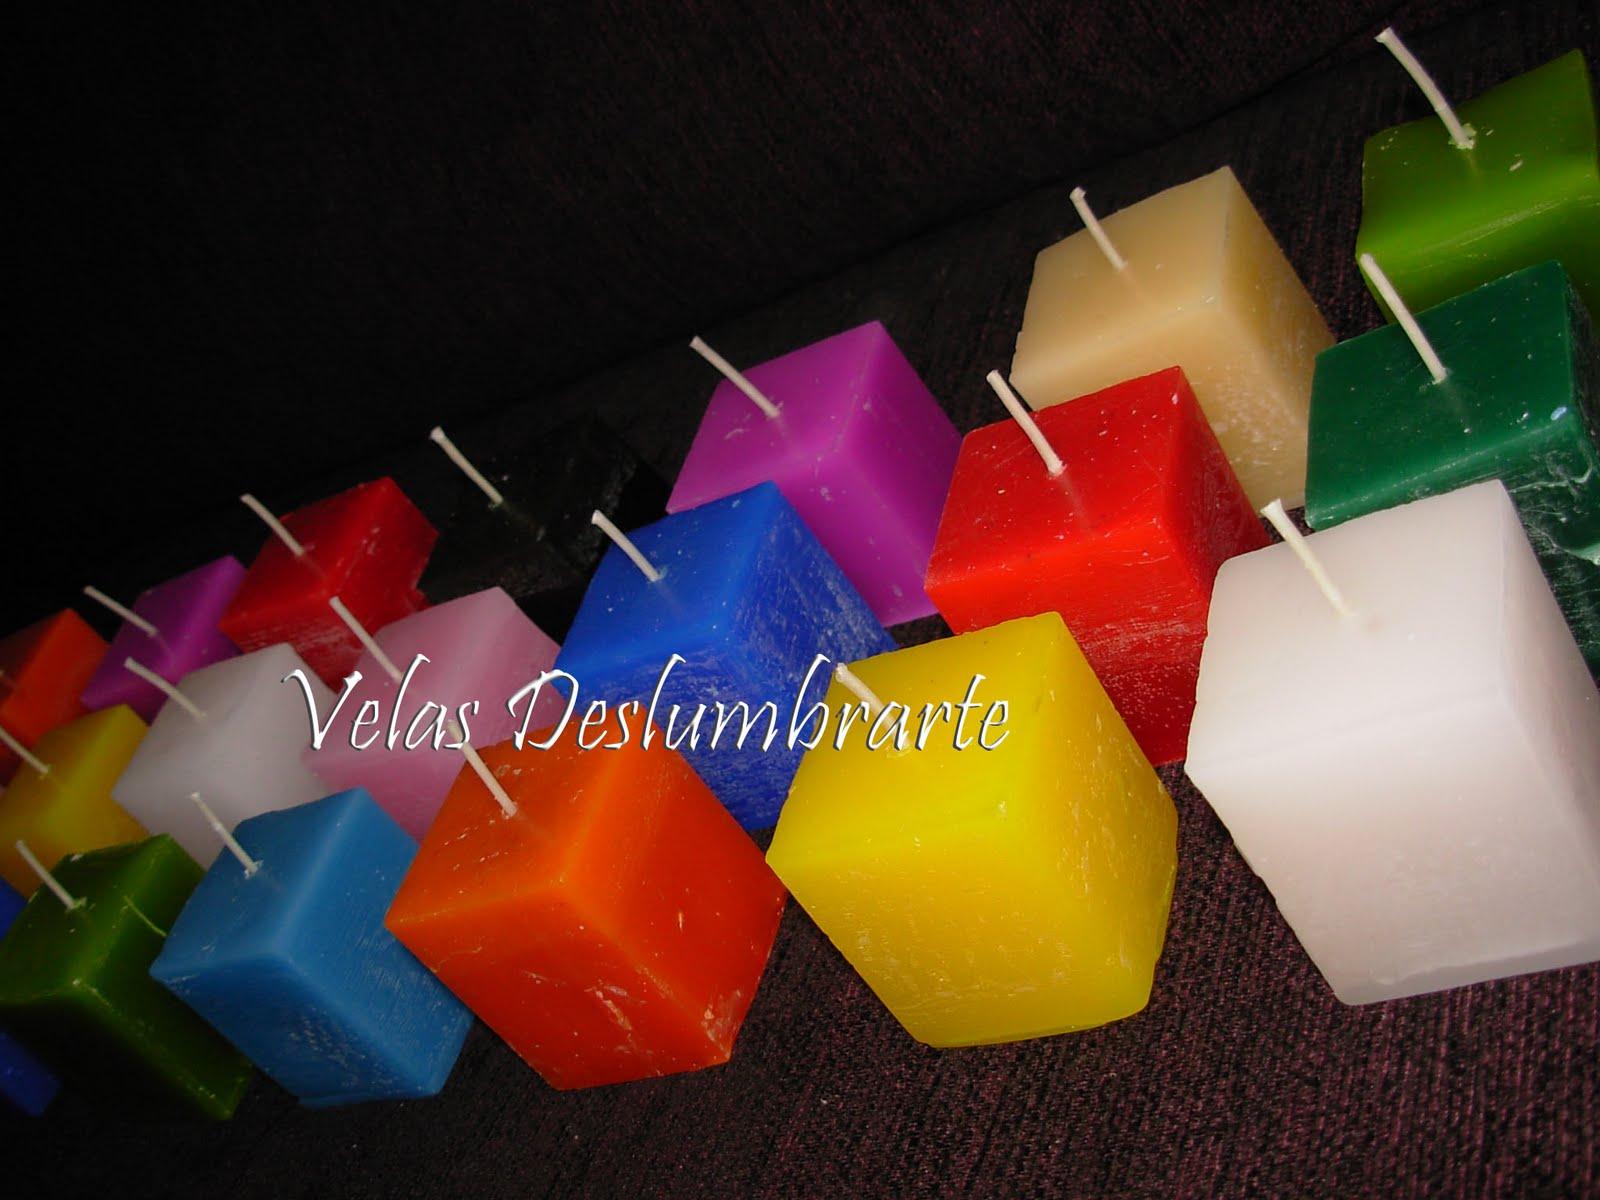 Velas y fanales deslumbrarte velas aromas y colores - Aromas para velas ...